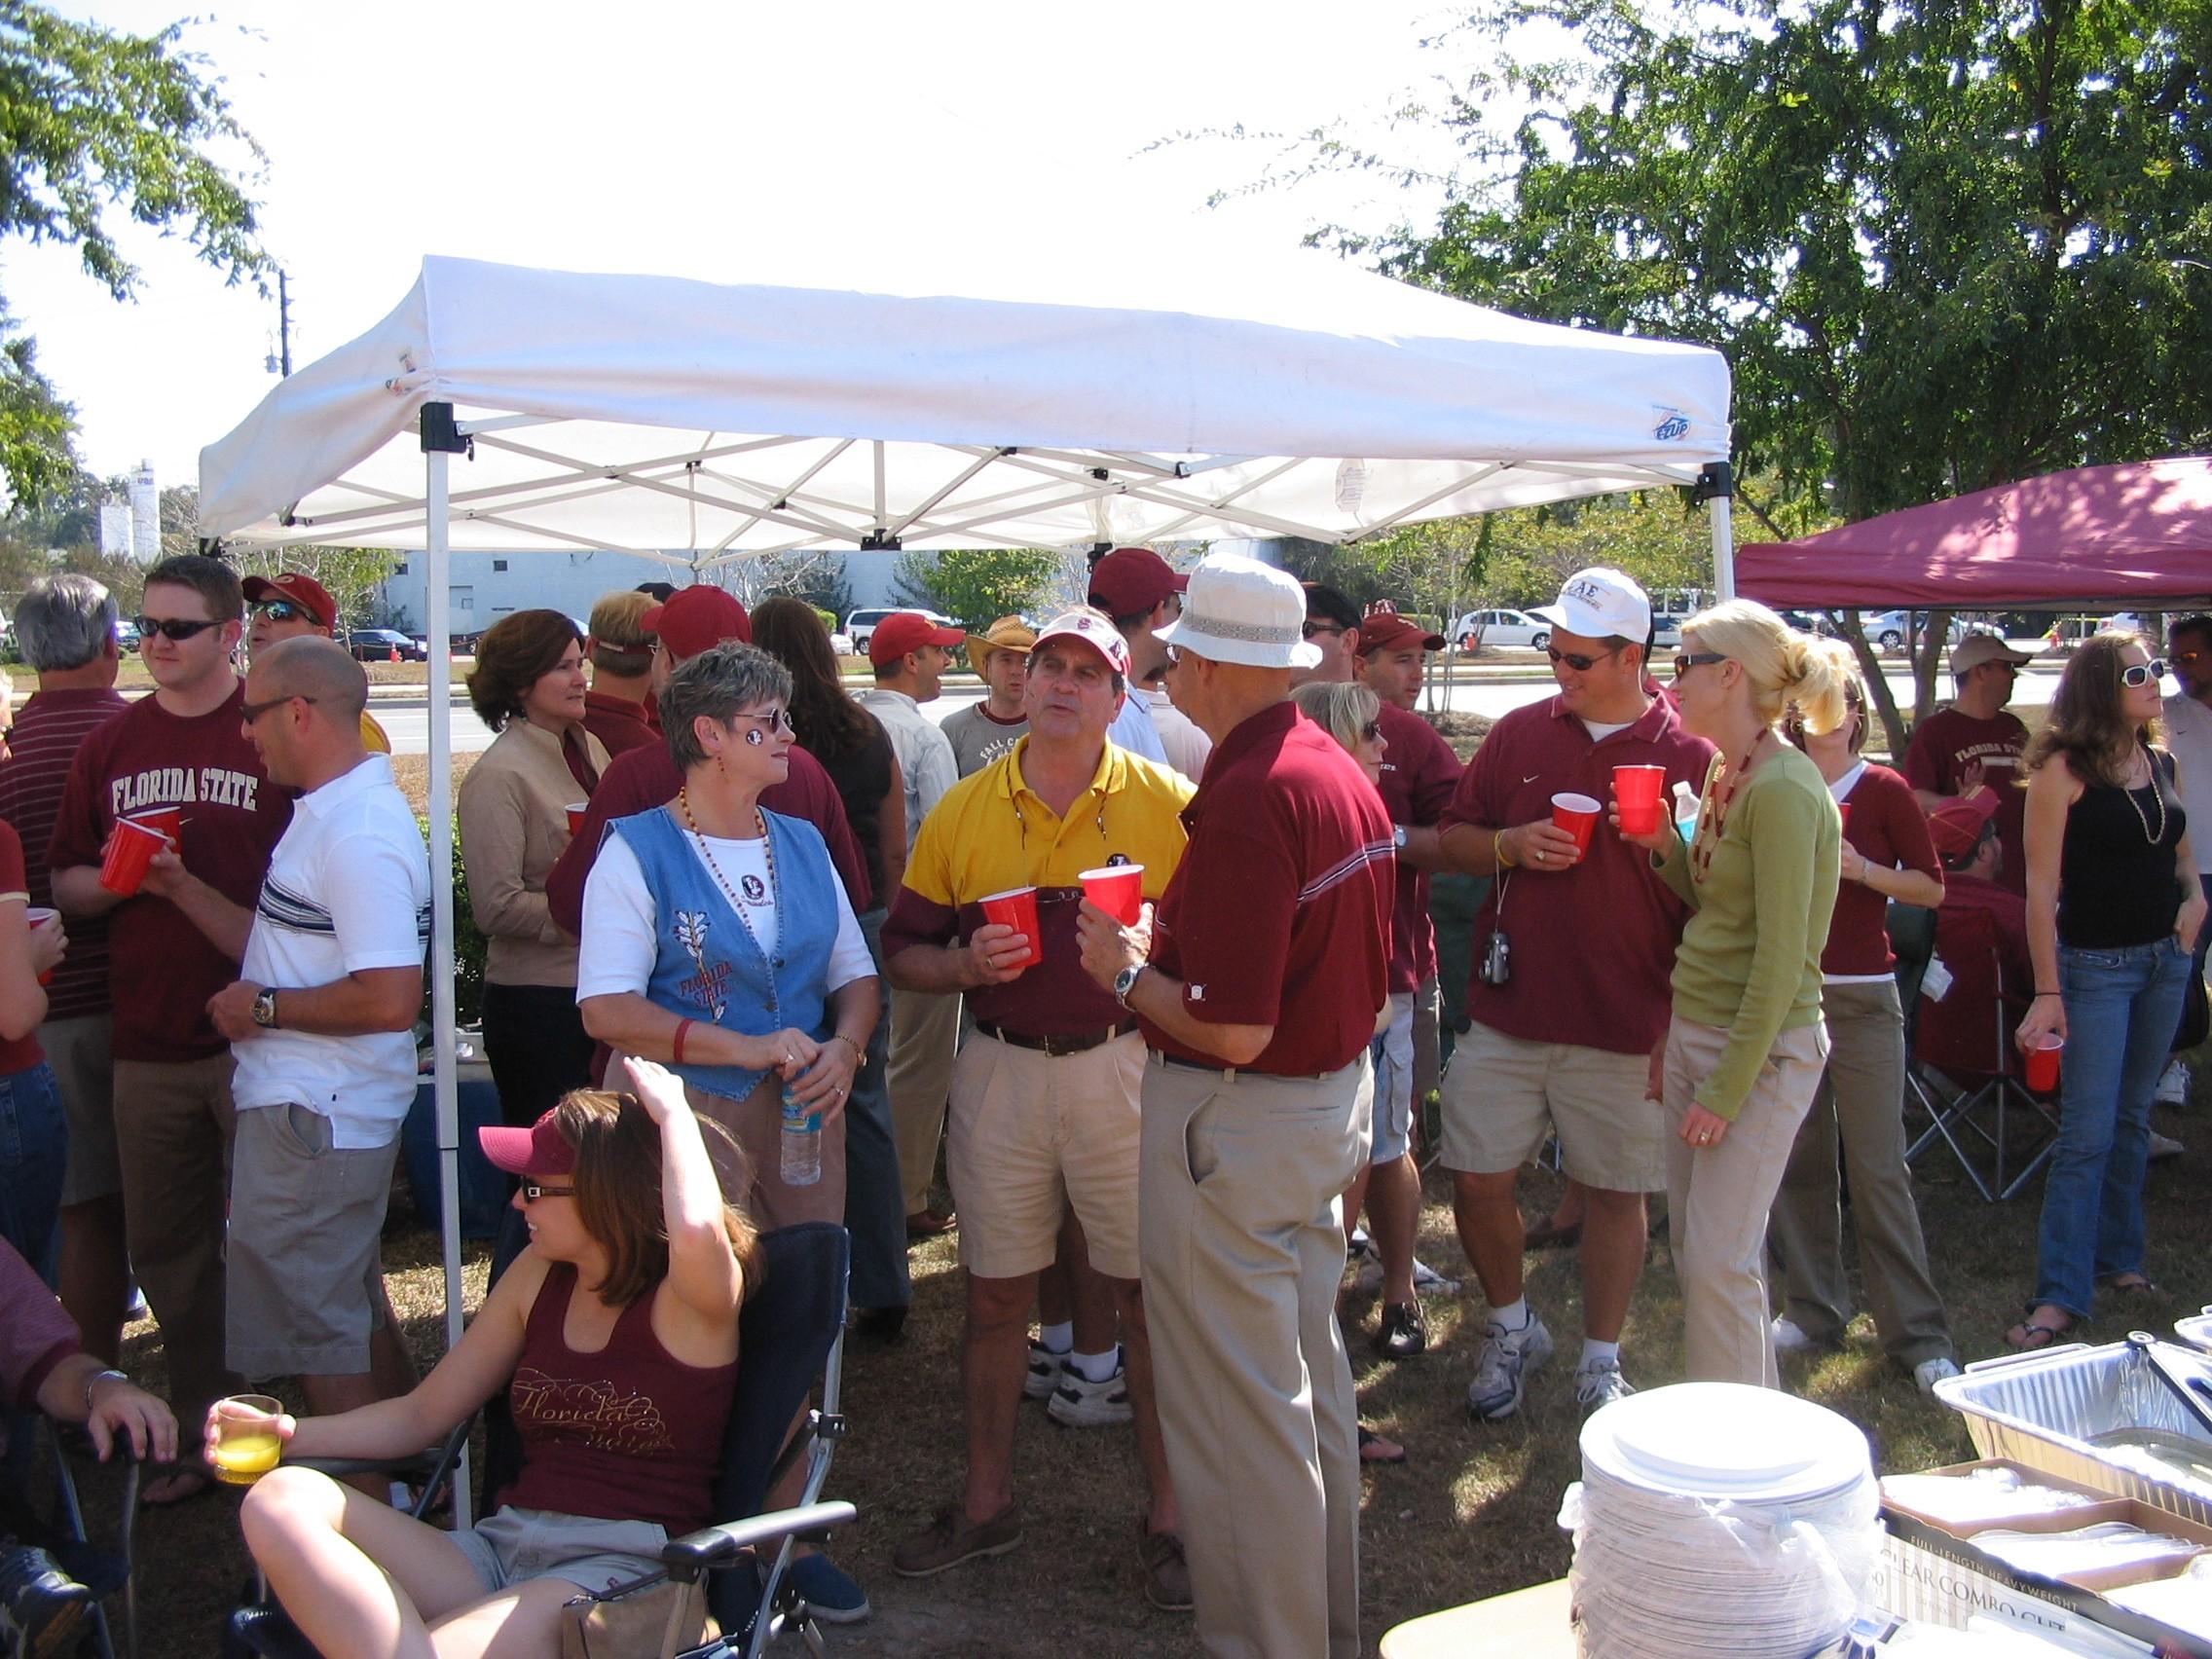 2005 alumni tailgate-ChadMosely, GranEdwards, EltonWoodard, BobNast, WileyPage.JPG